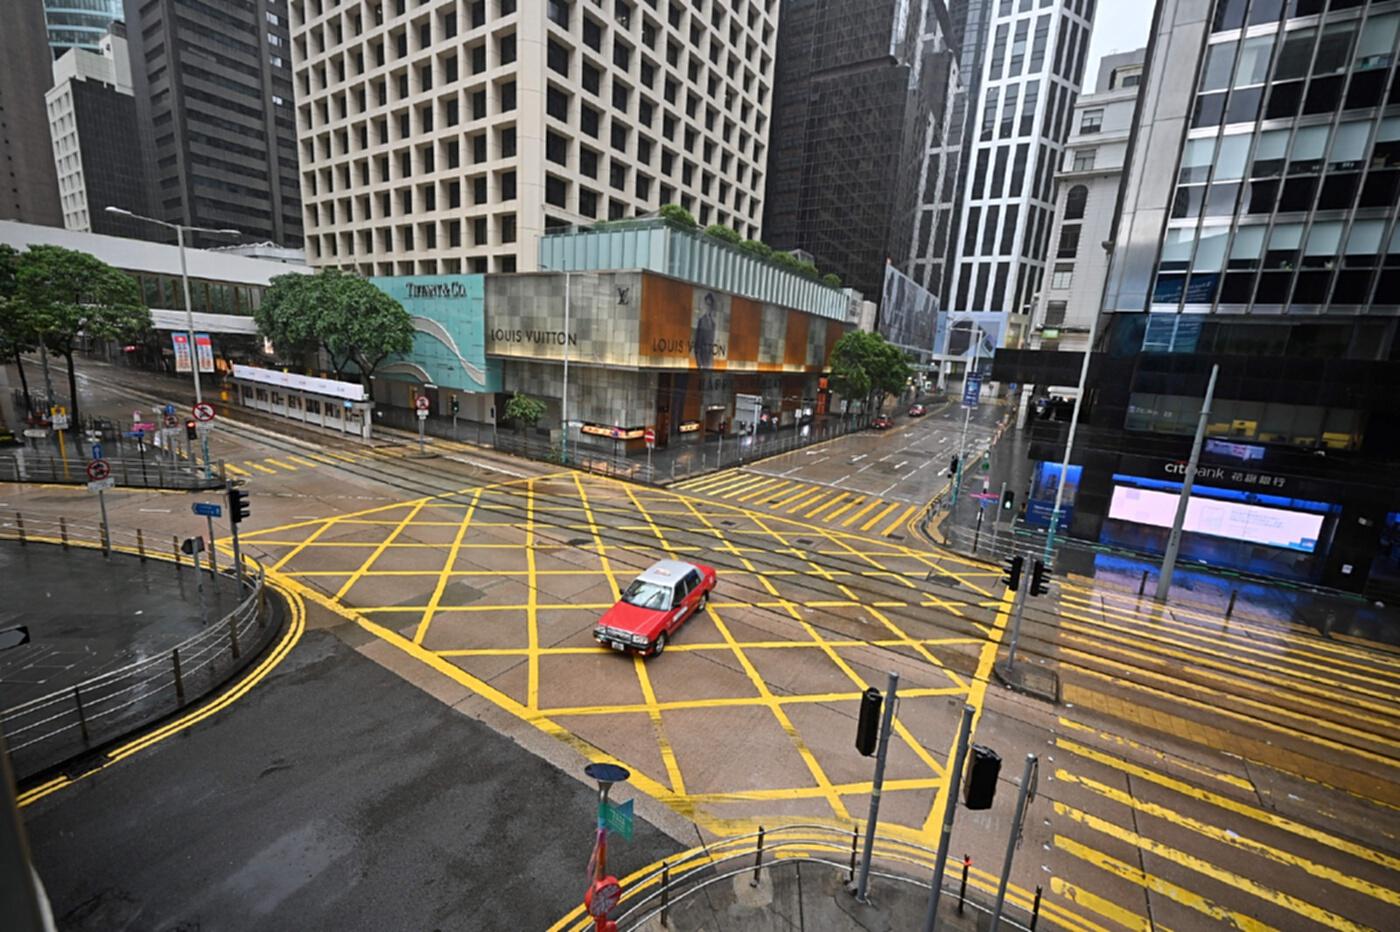 ตลาดหุ้นฮ่องกงระงับซื้อขายช่วงเช้าเหตุพายุไต้ฝุ่น คมปาซุ พัดถล่ม